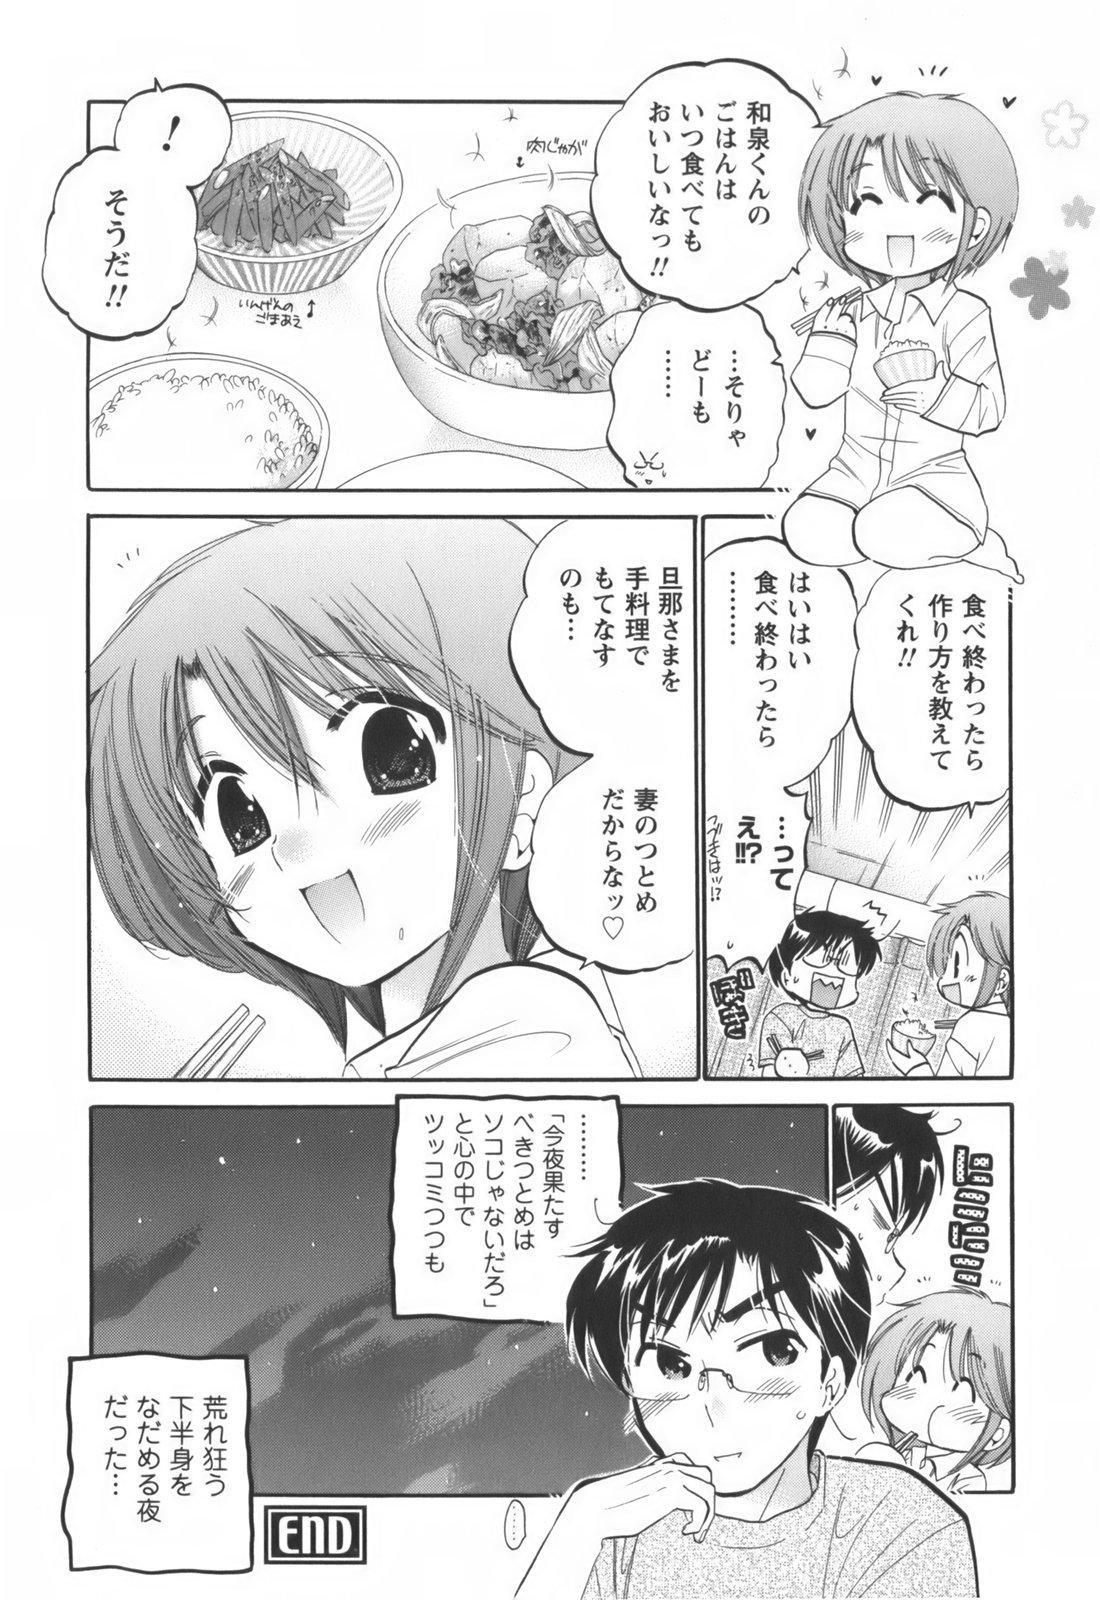 Okusama wa Seitokaichou 48